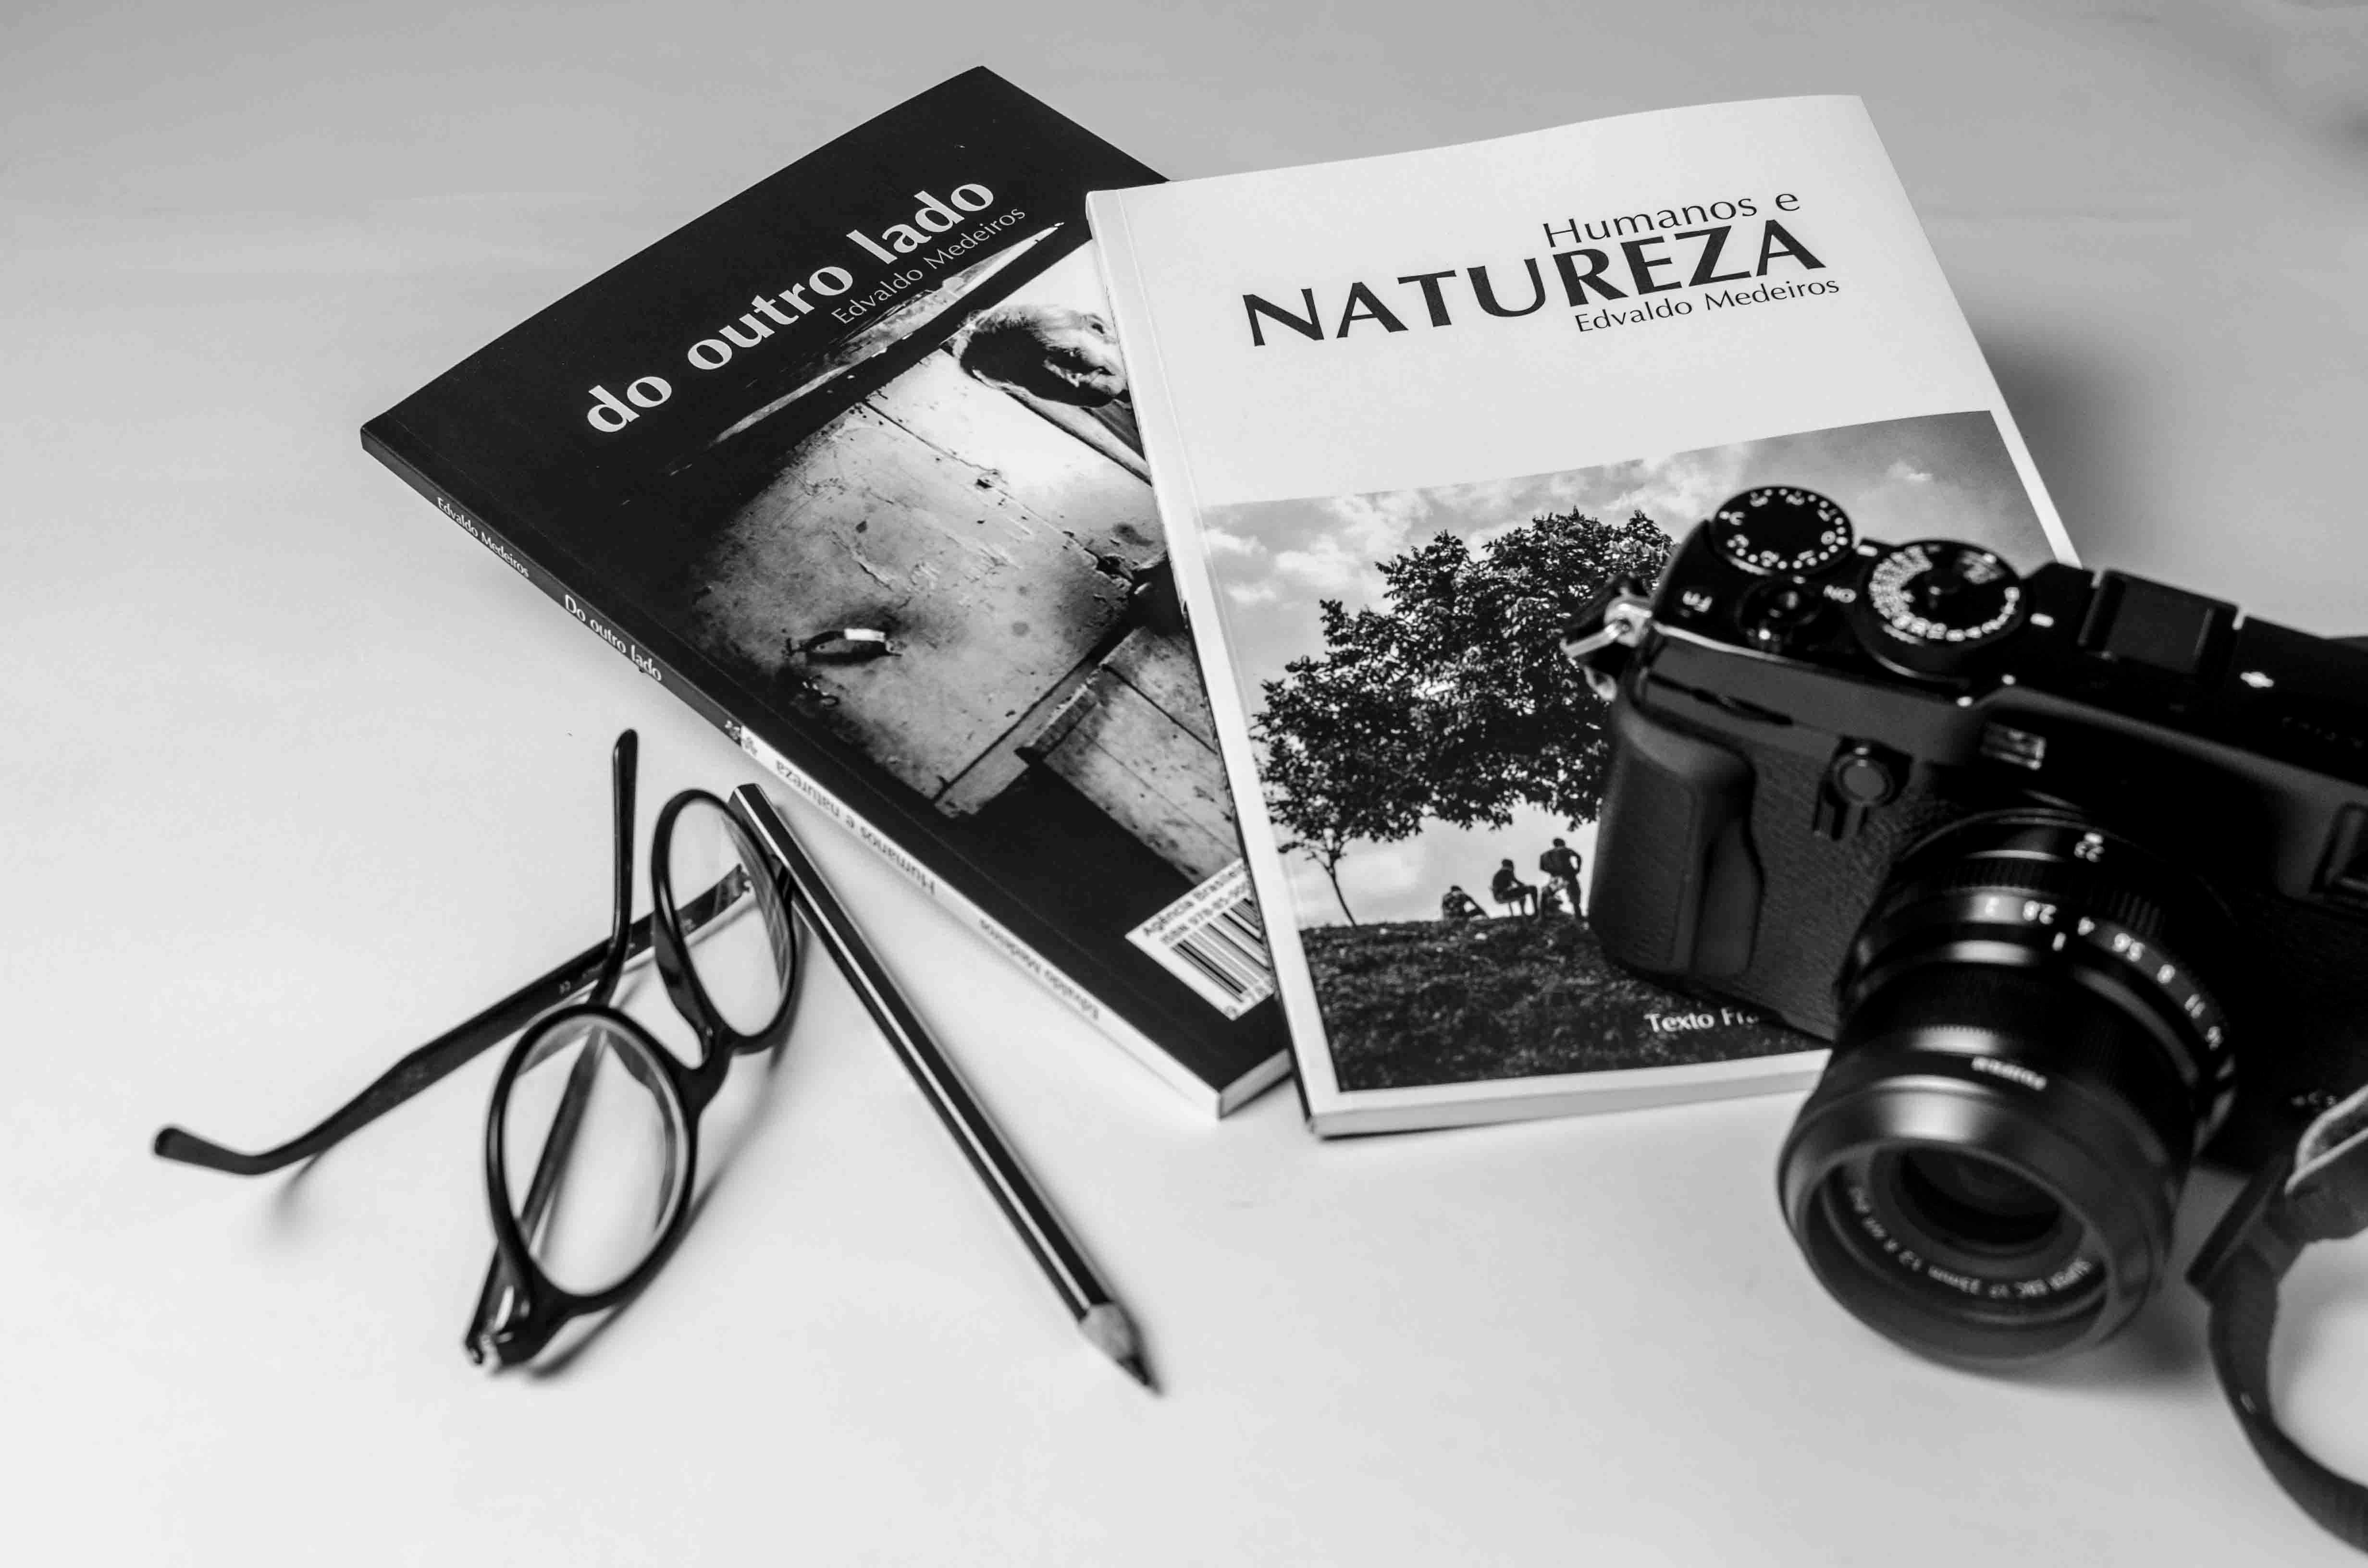 Humanos e natureza / Do outro lado